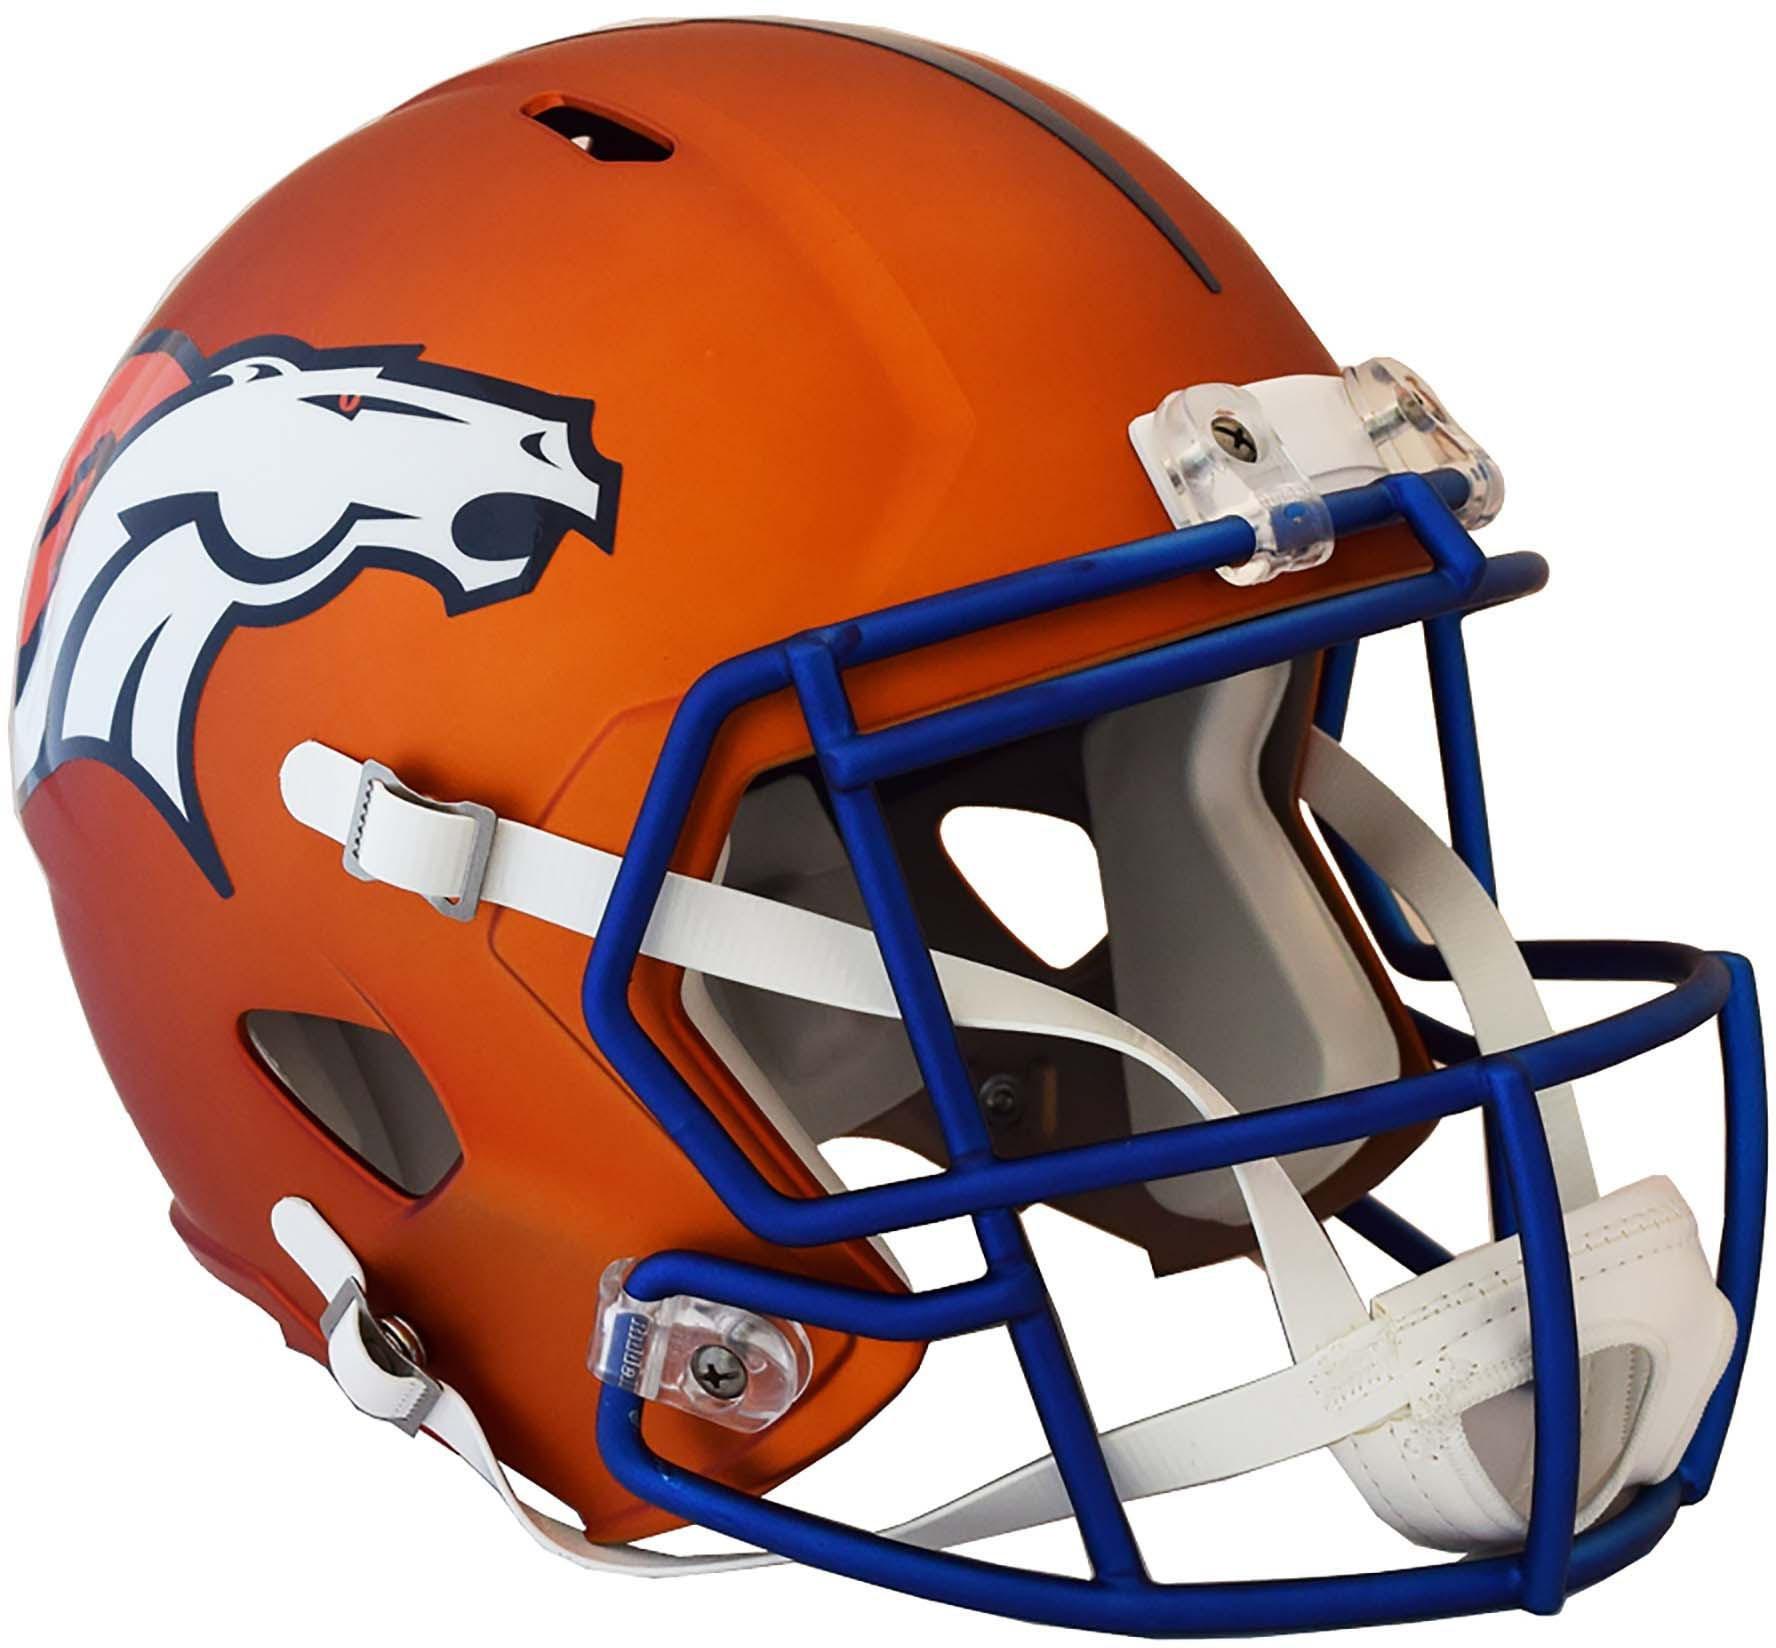 Riddell Denver Broncos Blaze Revolution Speed Full-Size Replica Football Helmet - Fanatics Authentic Certified